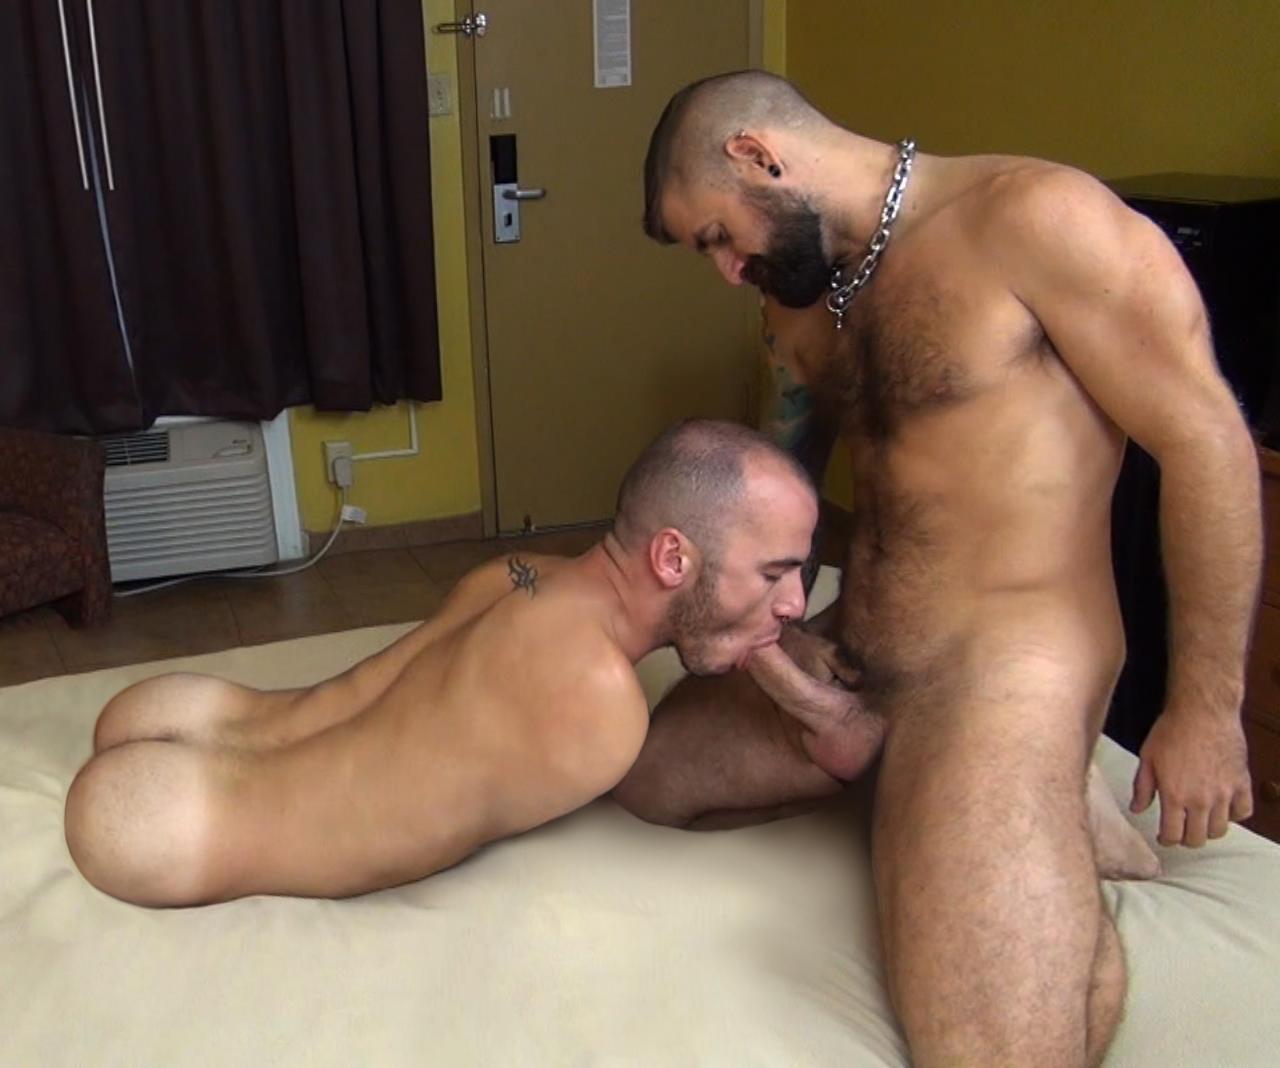 Hot pov porn